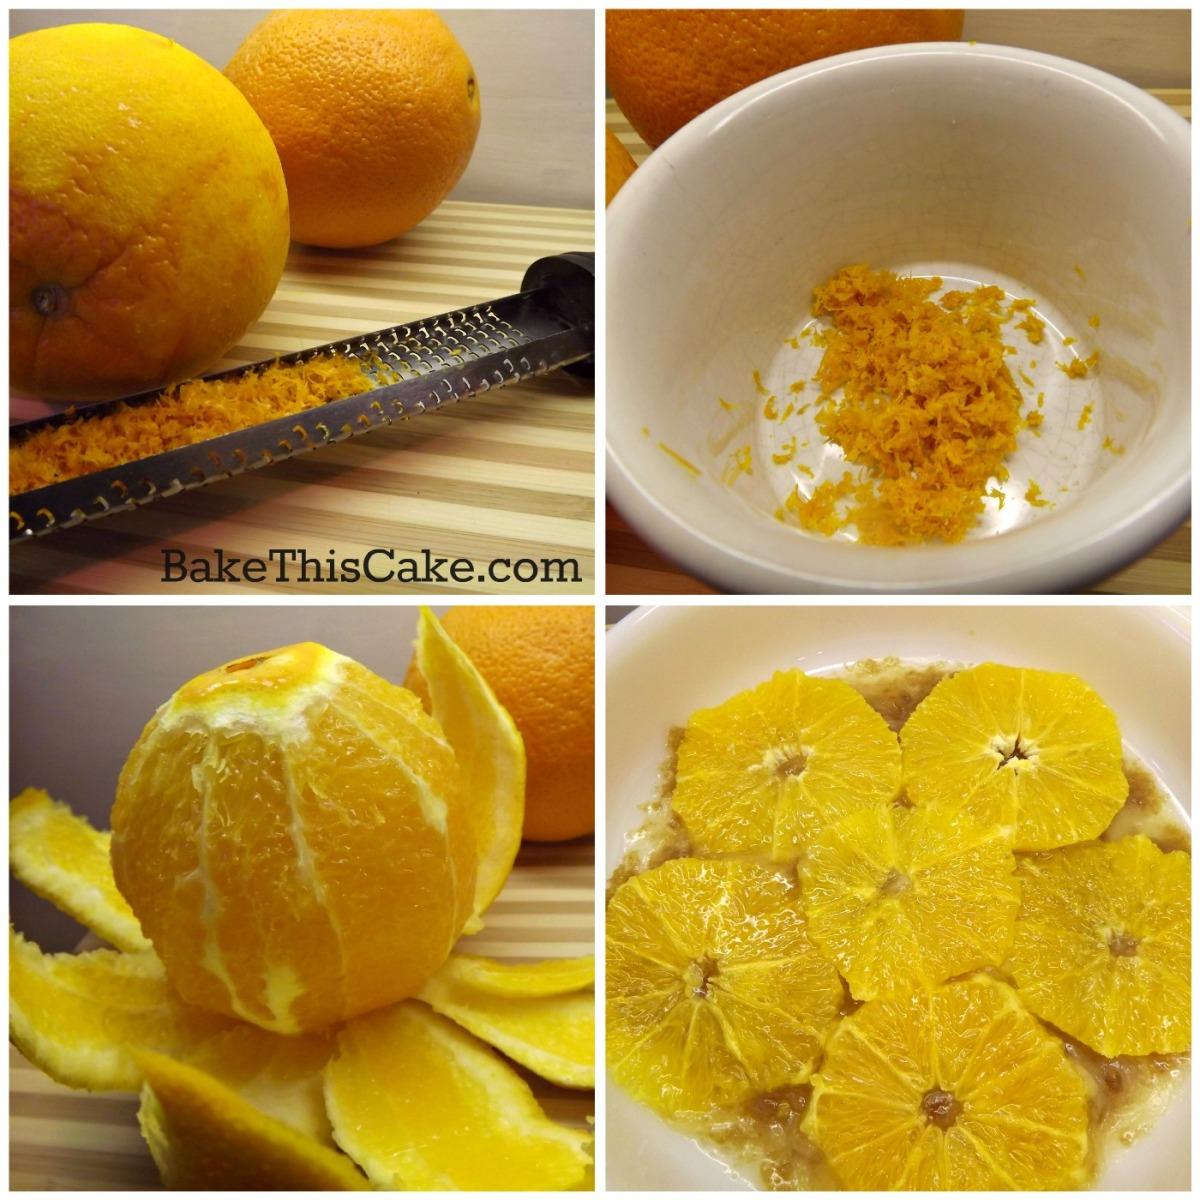 Preparing orange for orange upside down cake by bake this cake